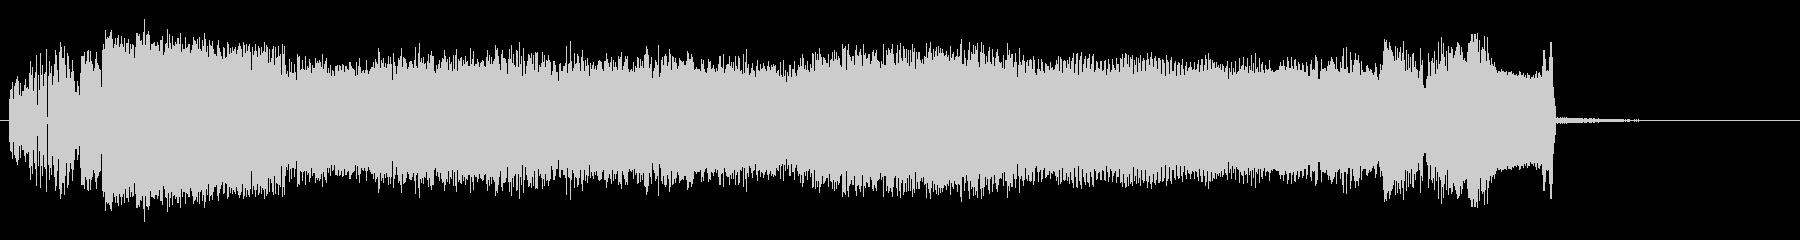 ハードコードの未再生の波形